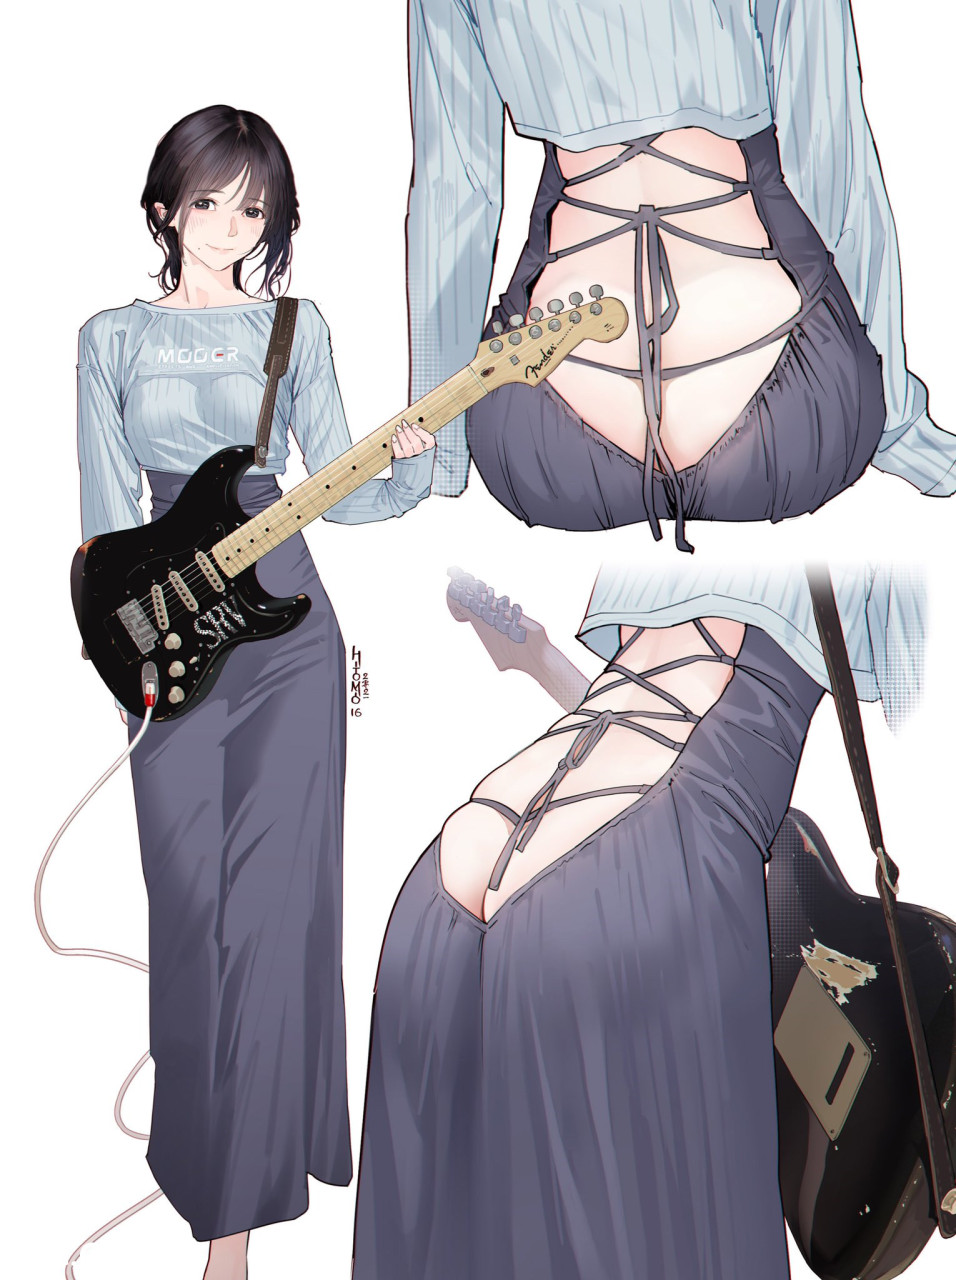 近期走红的吉他妹妹Cosplay人物图汇总